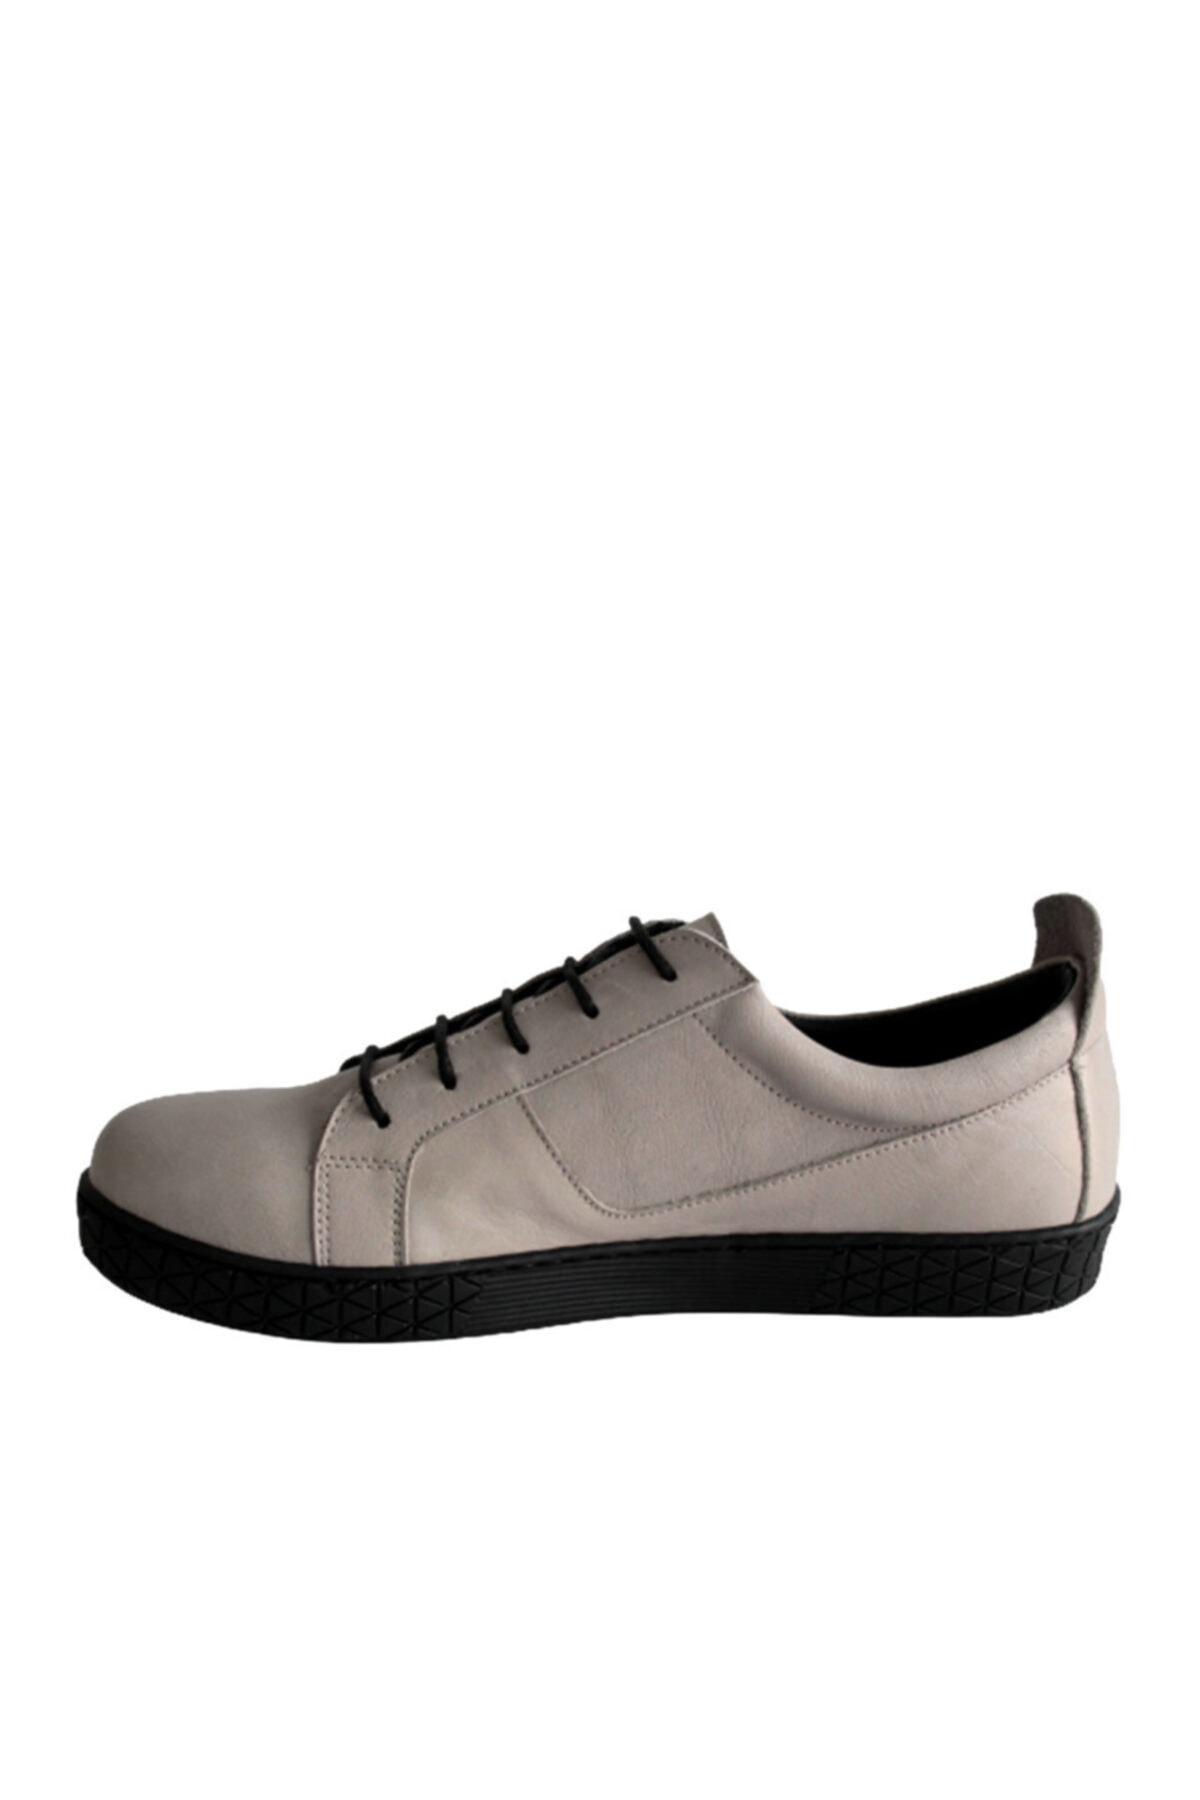 Beta Shoes Kadın Hakiki Deri Günlük Ayakkabı Gri 2